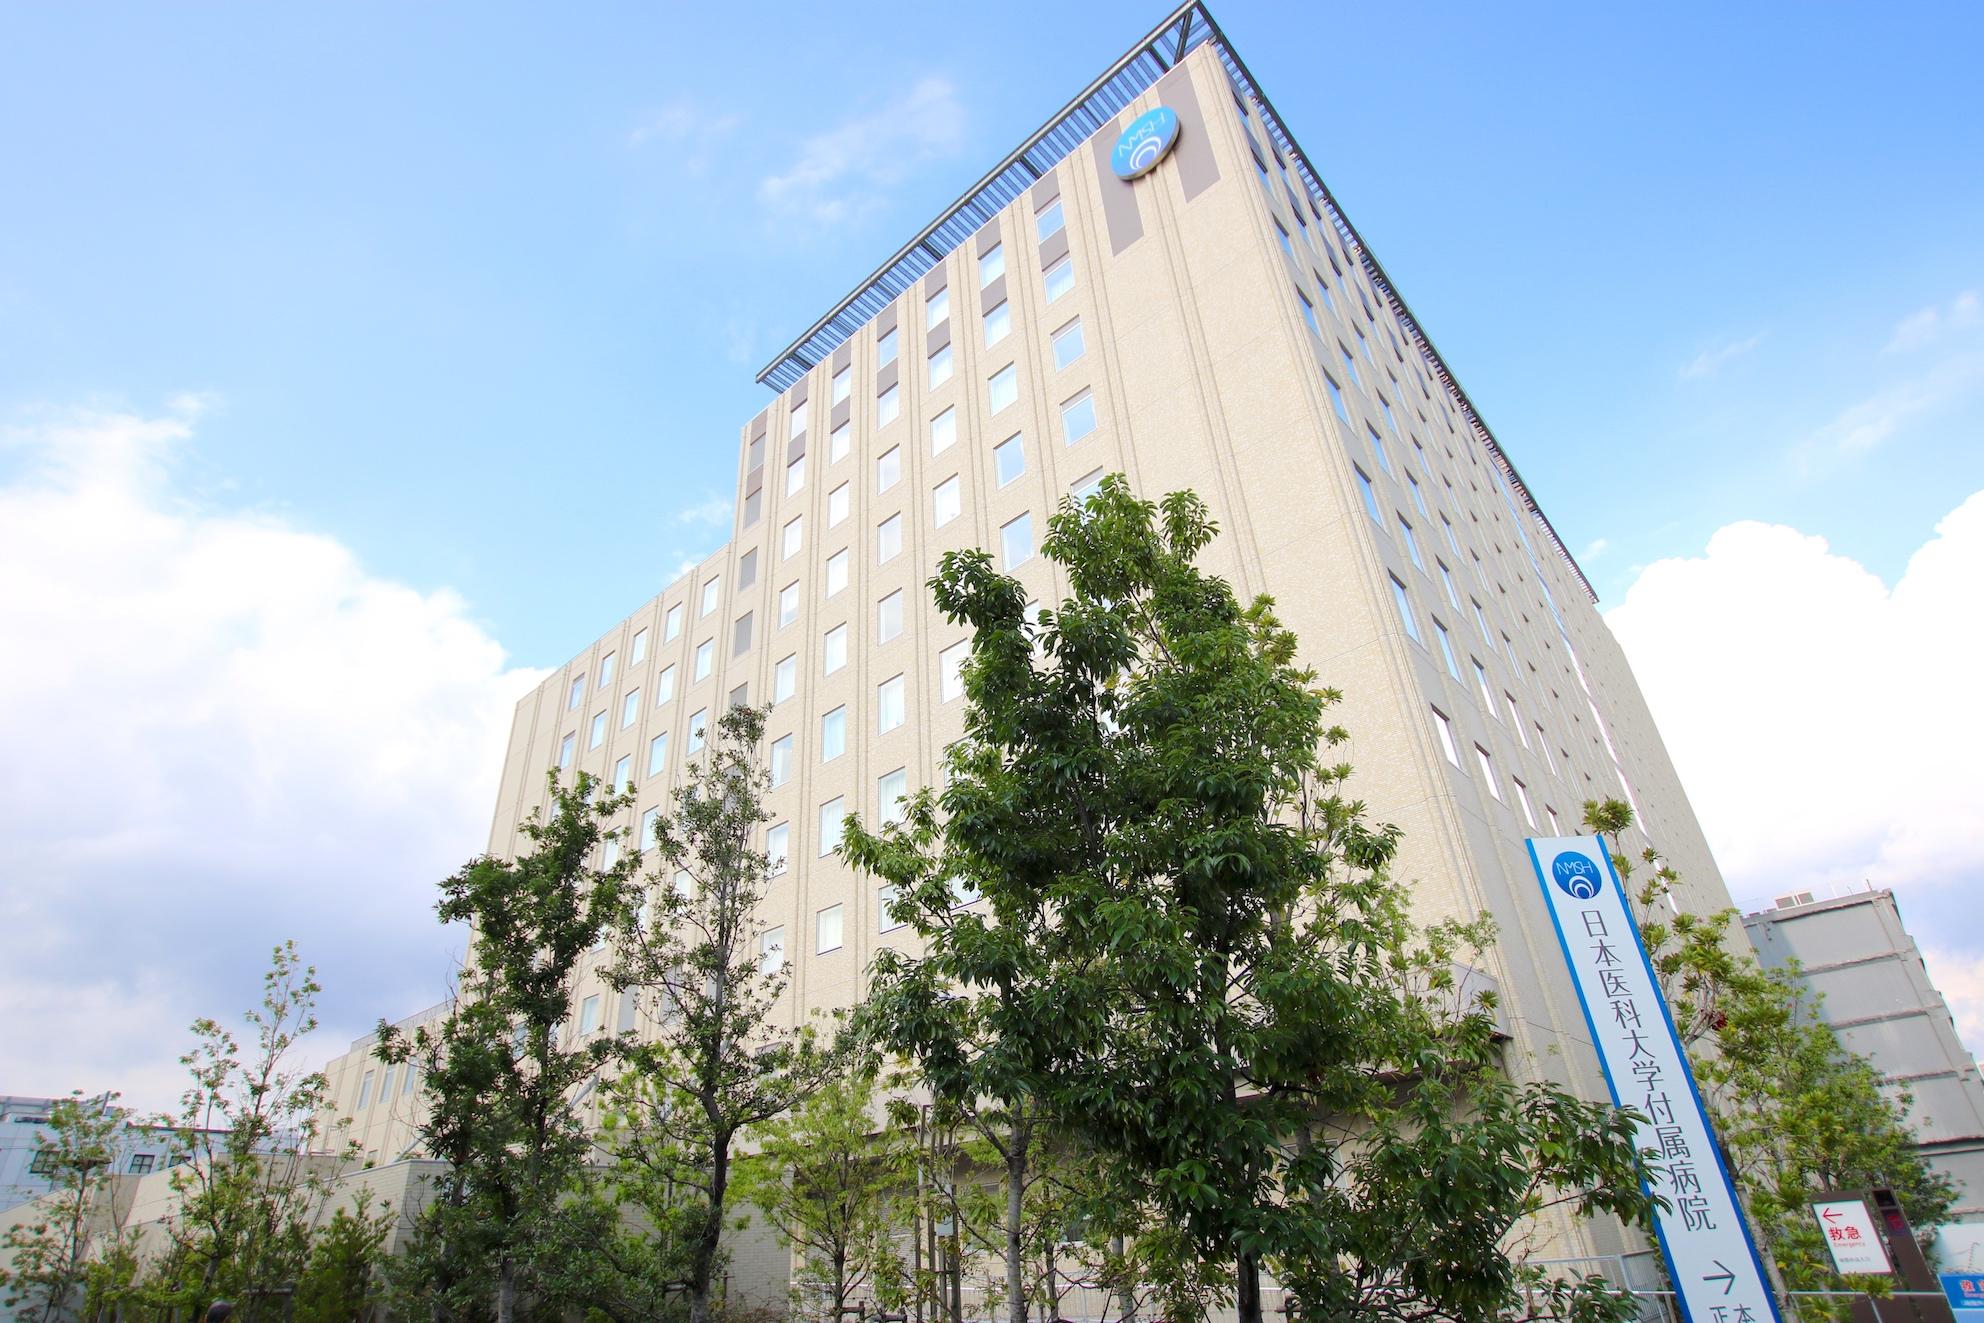 日本医科大学付属病院で歯磨きや顔拭きのお手伝いをする仕事